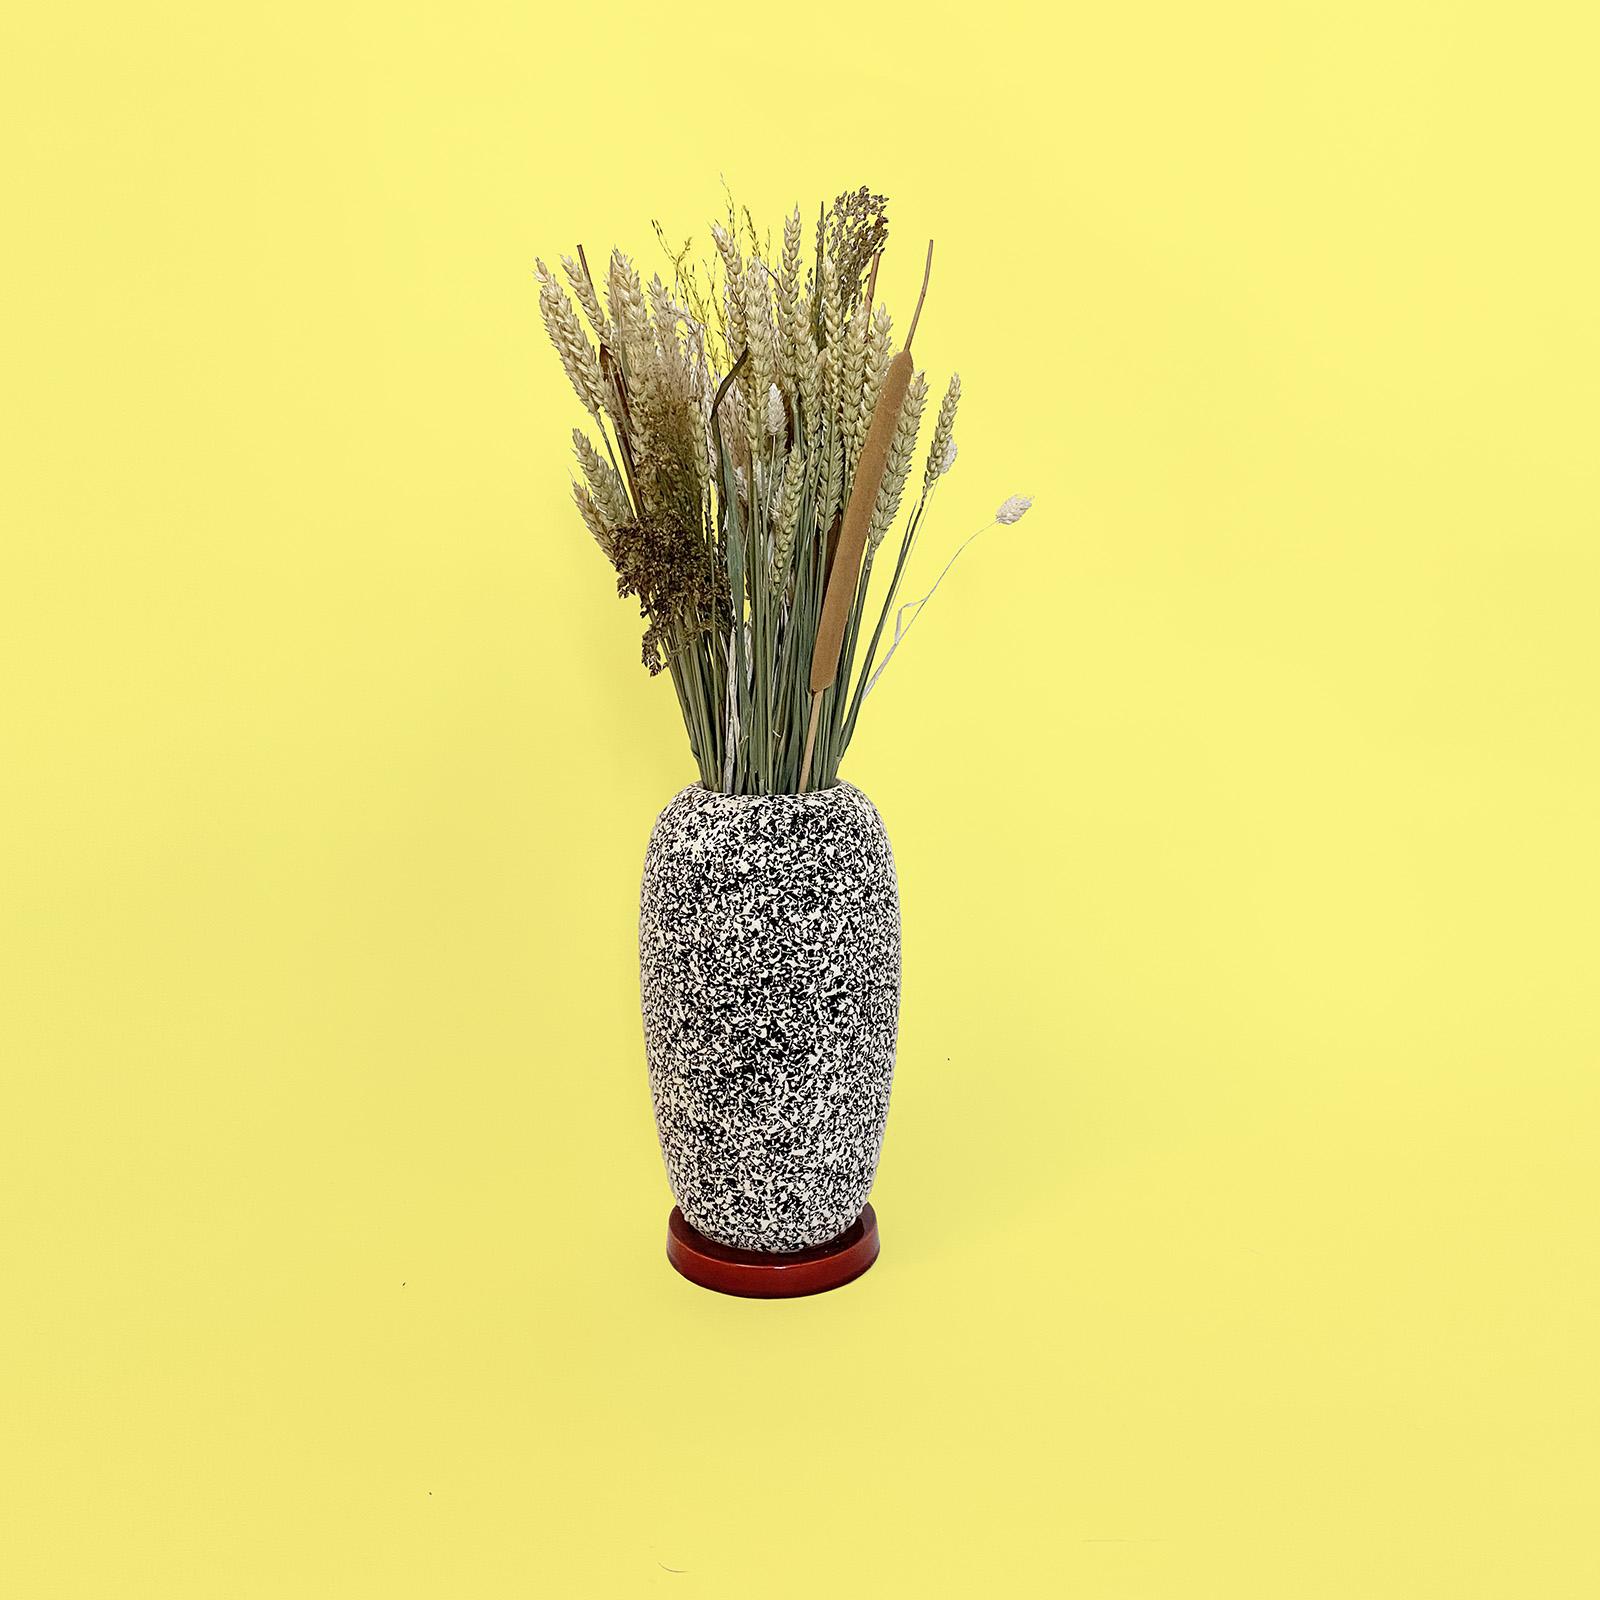 pierre milet sevres vase art deco